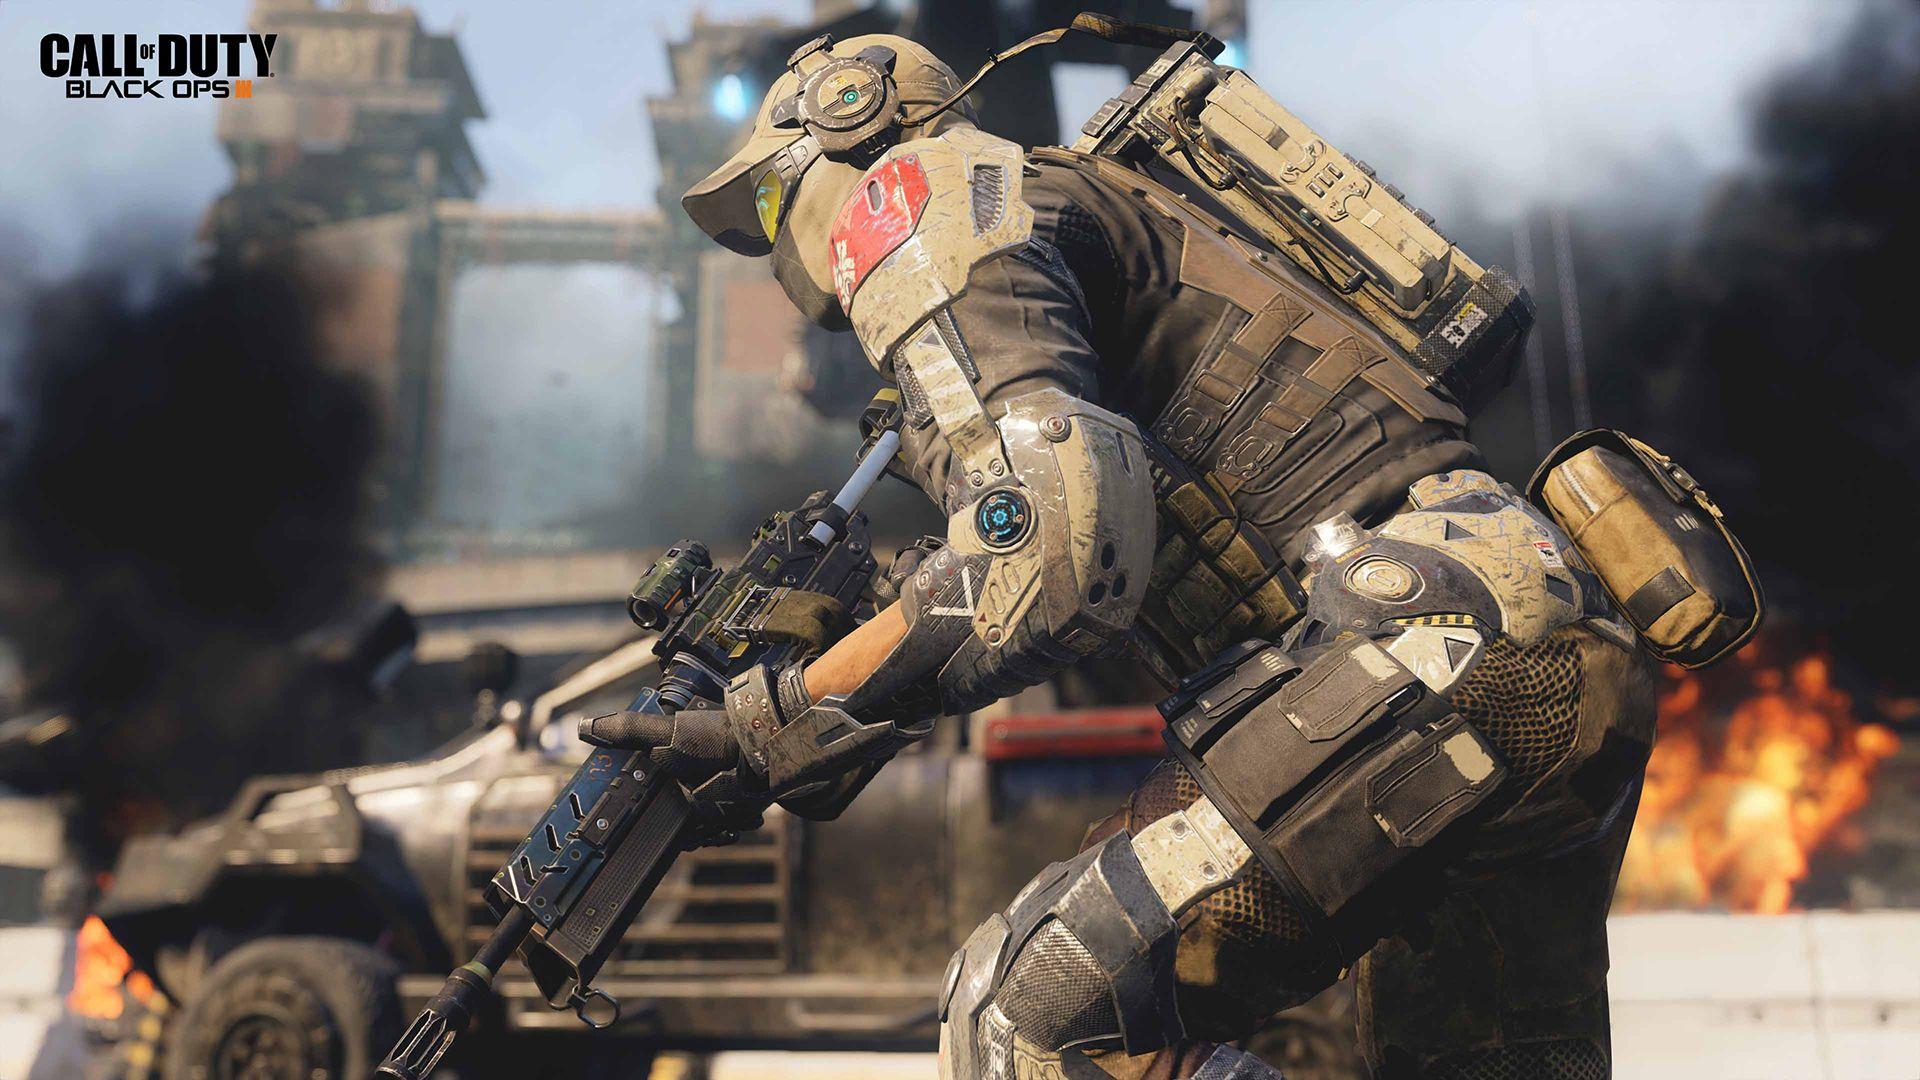 Call of Duty: Black Ops III (Xbox One) - 7